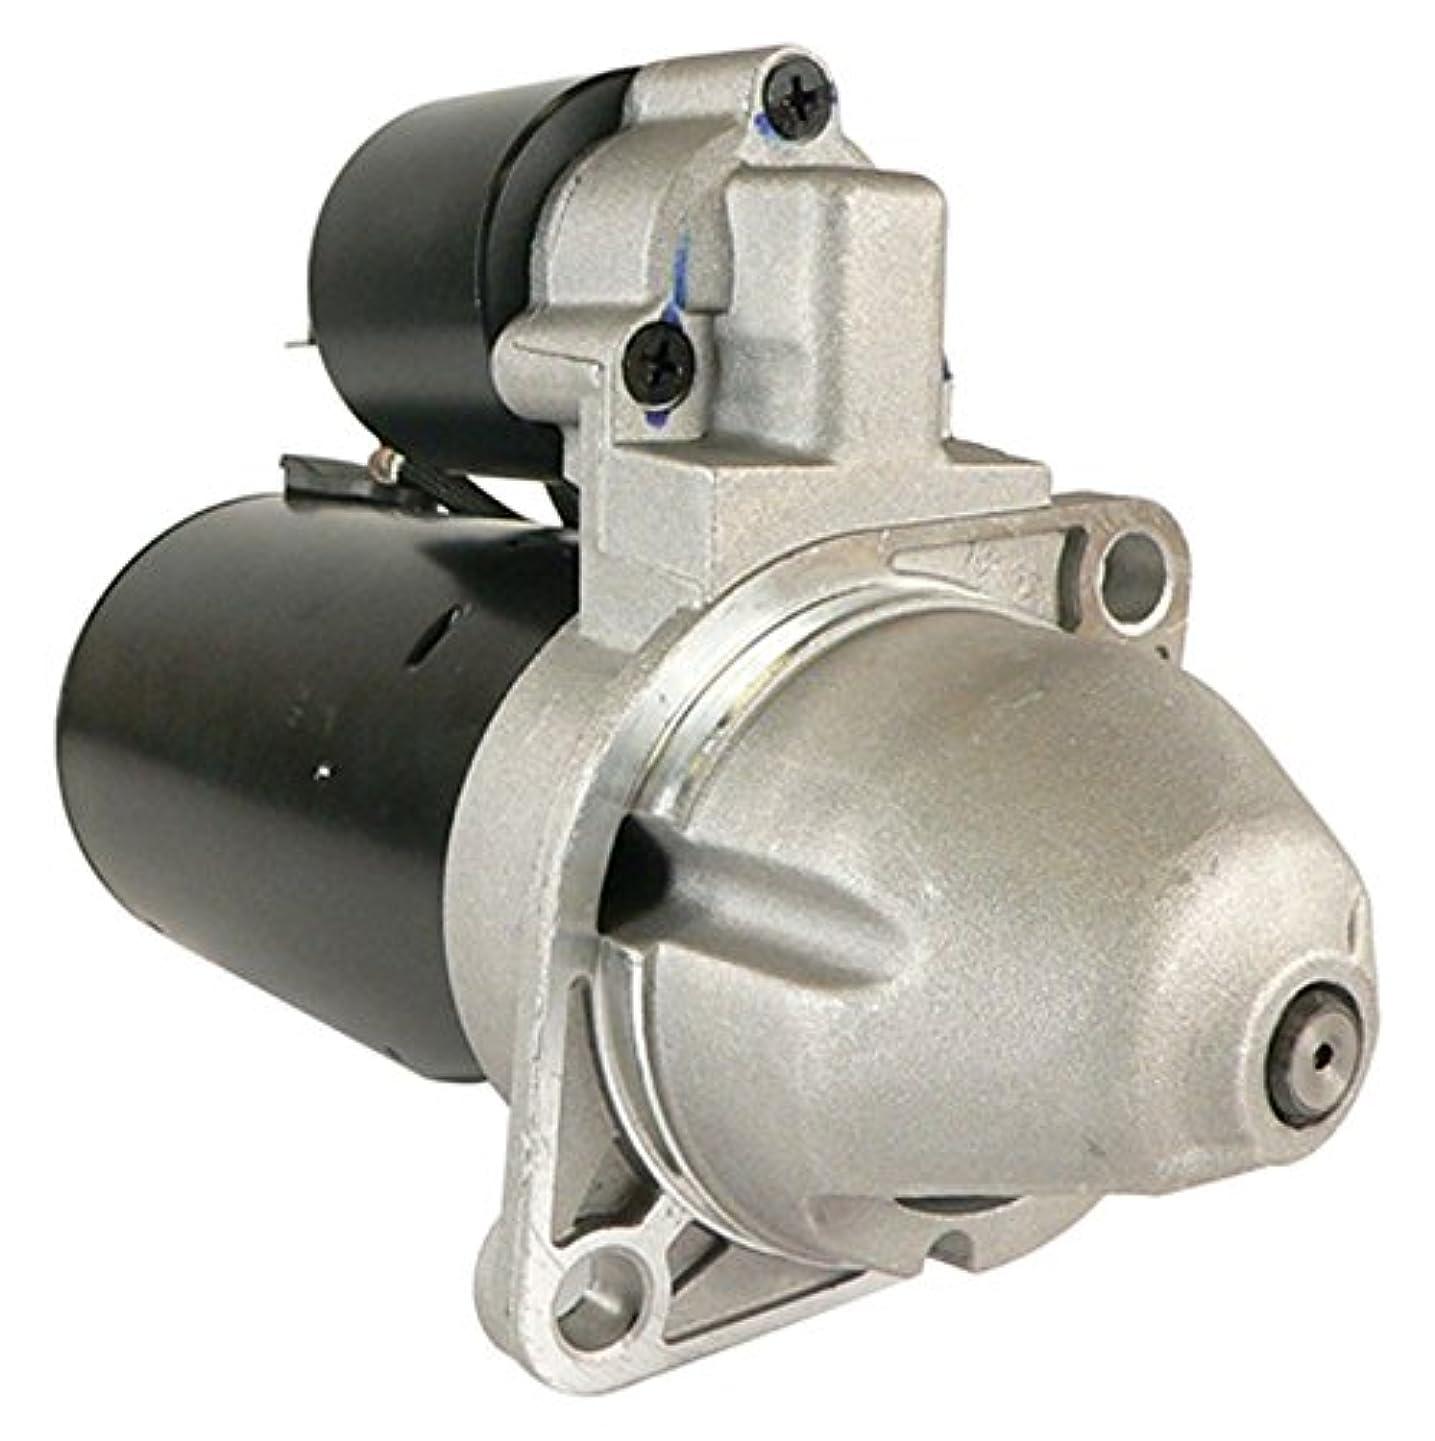 DB Electrical SBO0254 New Starter For Ruggerini,Vm Engines, Rd180, Rf120 Rf121 Rd129 Rf130 Rf139 Rf140, Stabilimenti Meccanici Engine Dm 188 Rh 188 Diesel B0001115042 IS1045 5726001 112034 50316400